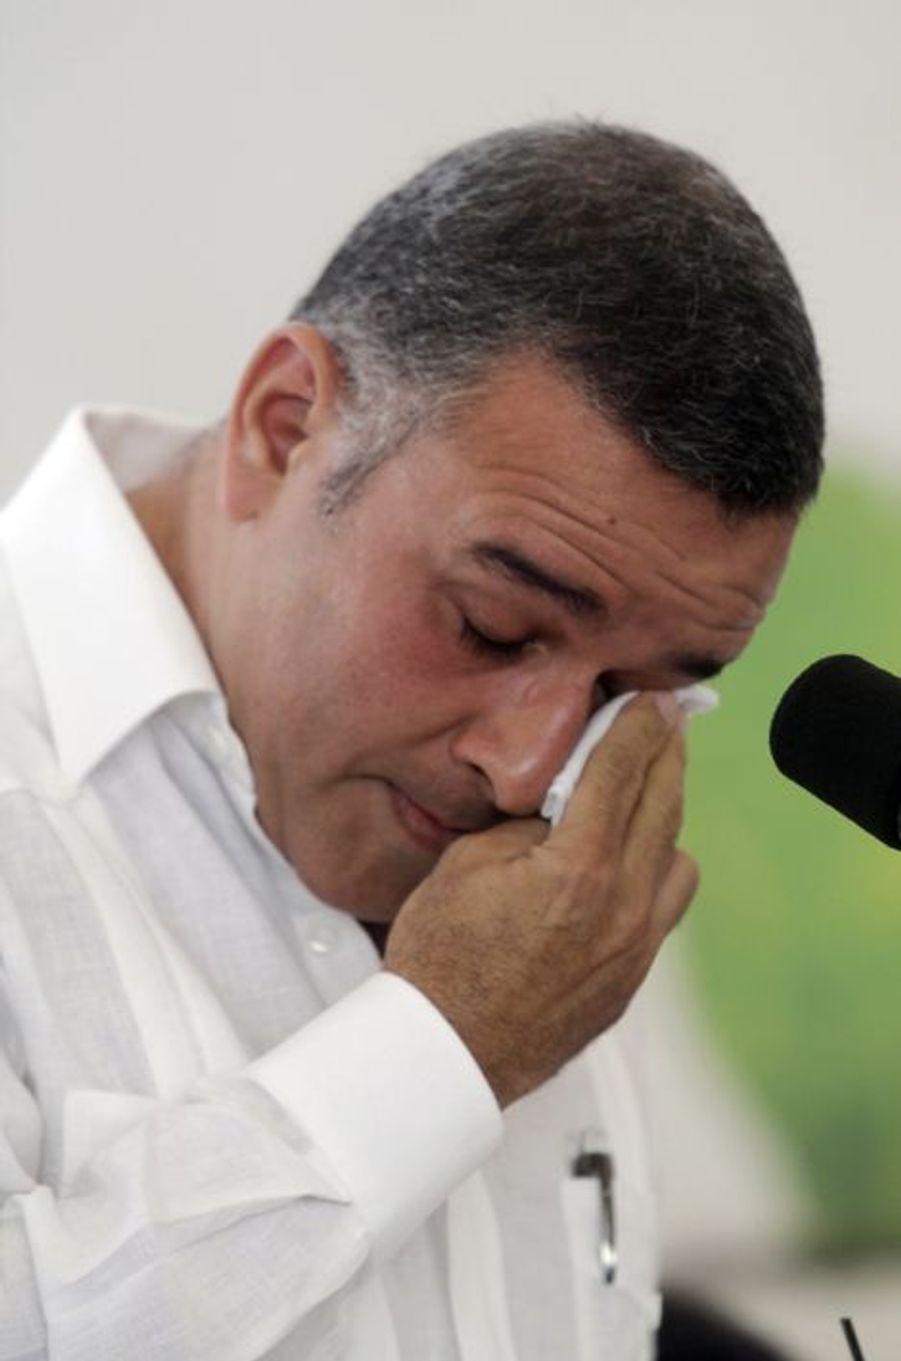 Le président salvadorien Mauricio Funes pleure lors d'un discours à propos du massacre d'El Mozote, en janvier 2012